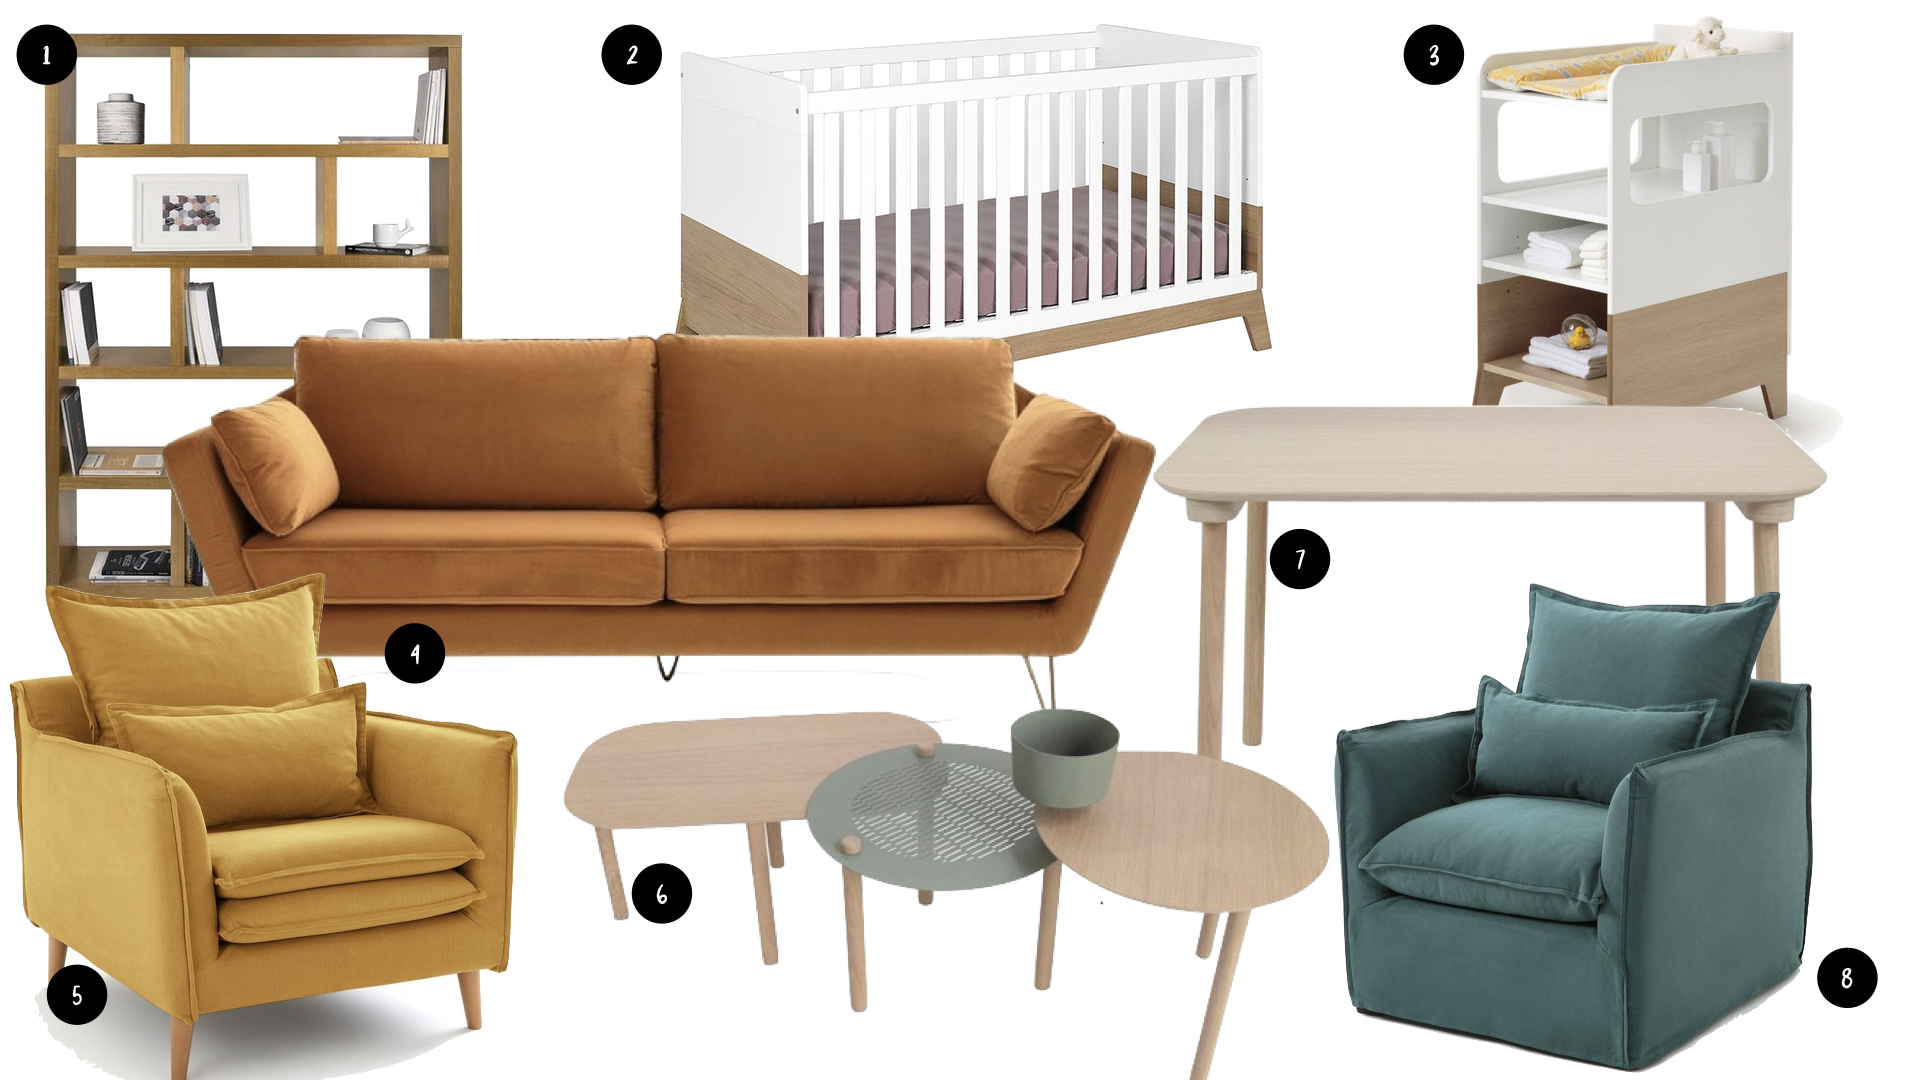 meublez vous francais selection meuble.002